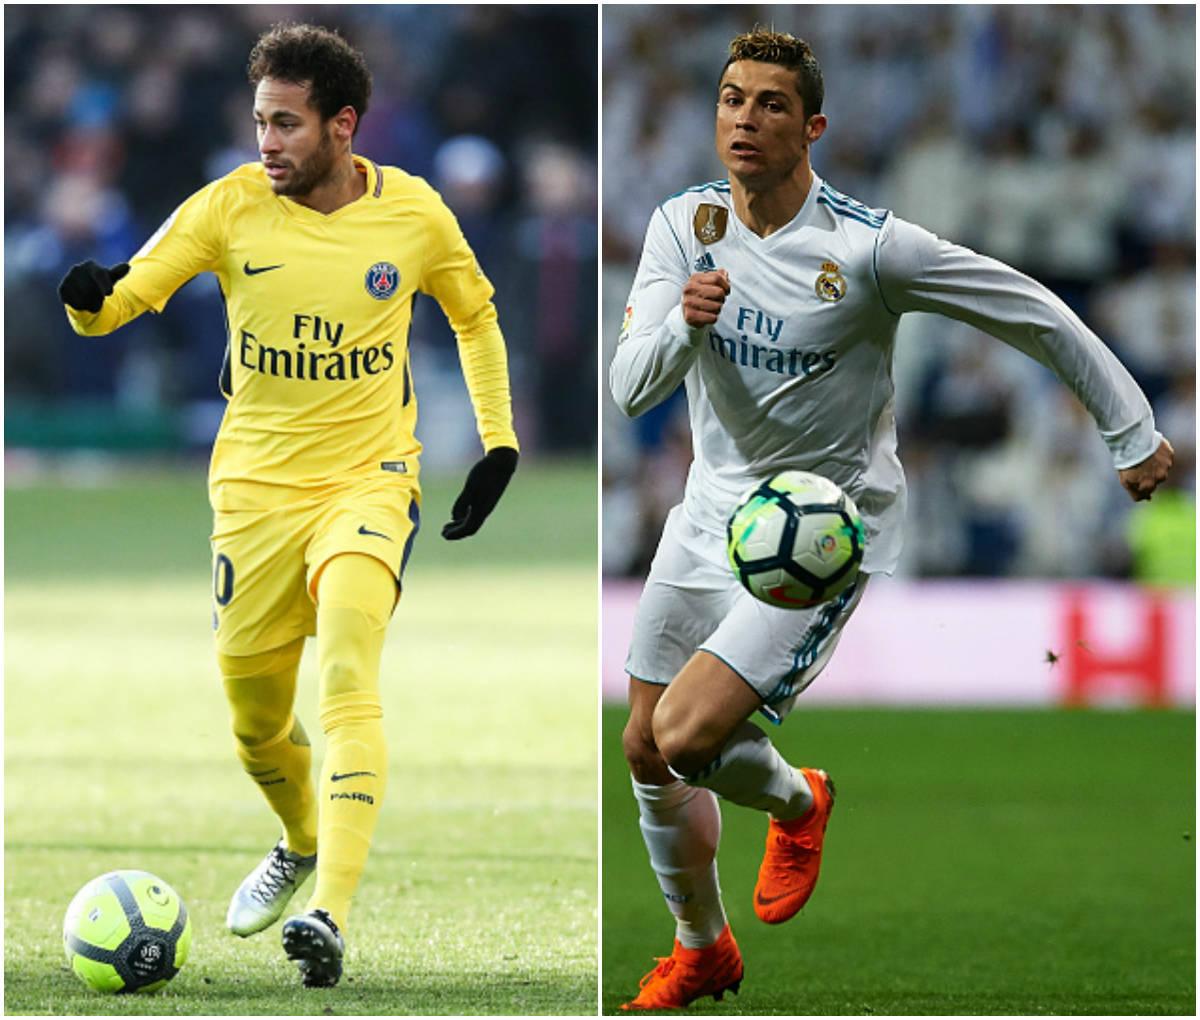 Quem joga mais: o brasileiro Neymar ou o português Cristiano Ronaldo